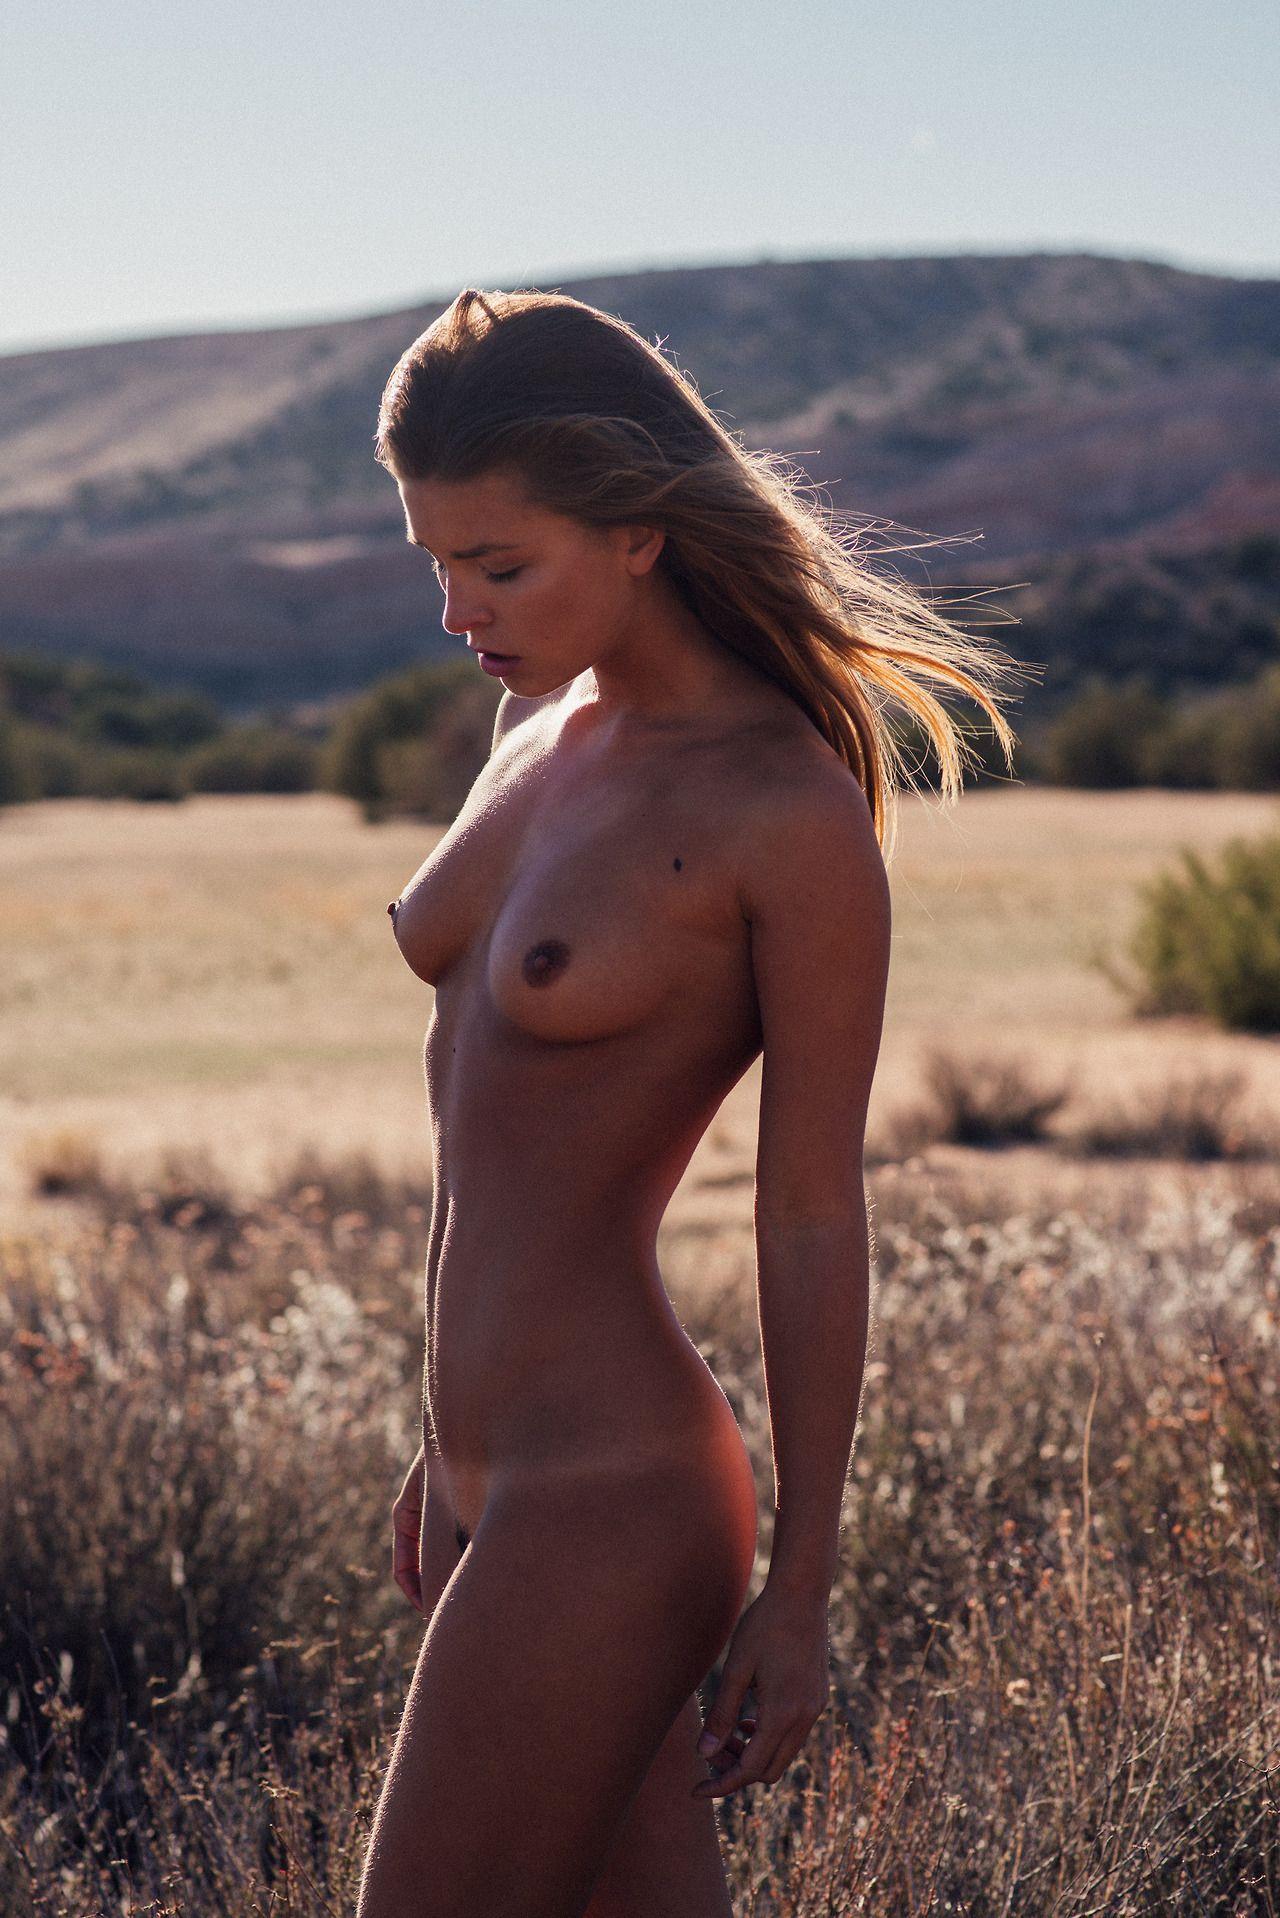 marisa-papen-sexy-251997-thefappeningblog.com_.jpg